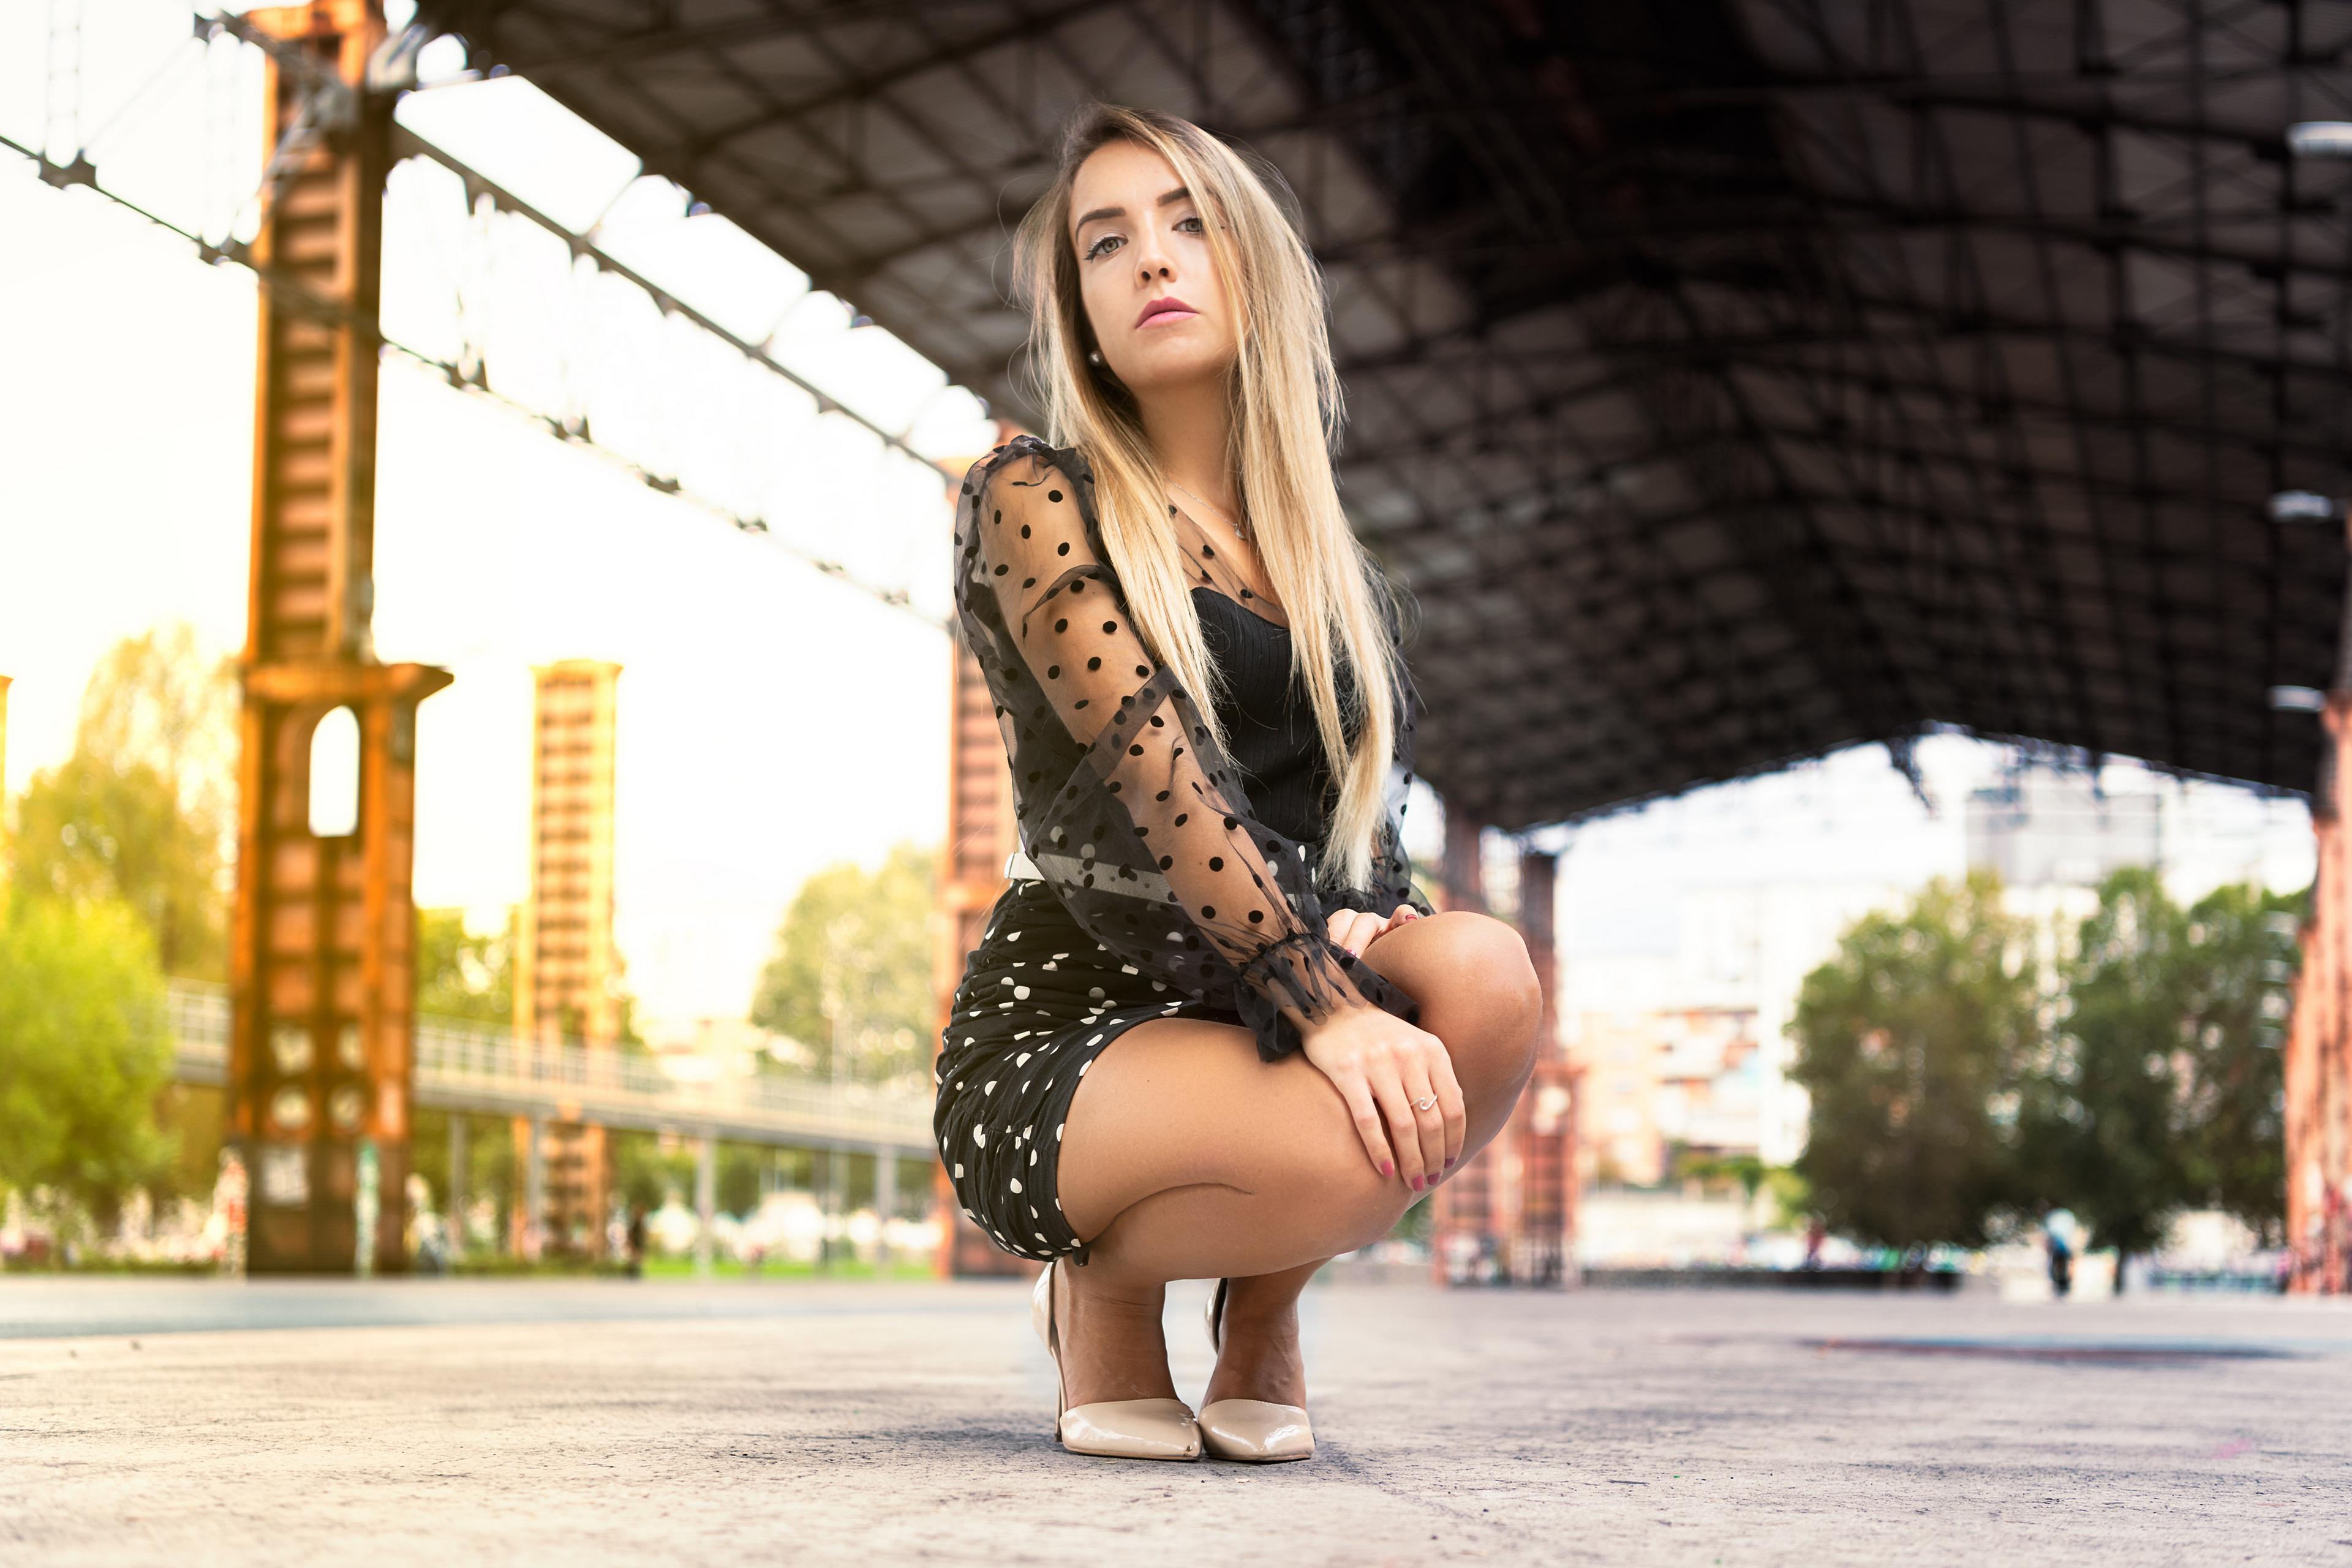 Обои для рабочего стола блондинок Federica Девушки сидящие Взгляд платья блондинки Блондинка девушка молодая женщина молодые женщины сидя Сидит смотрит смотрят Платье